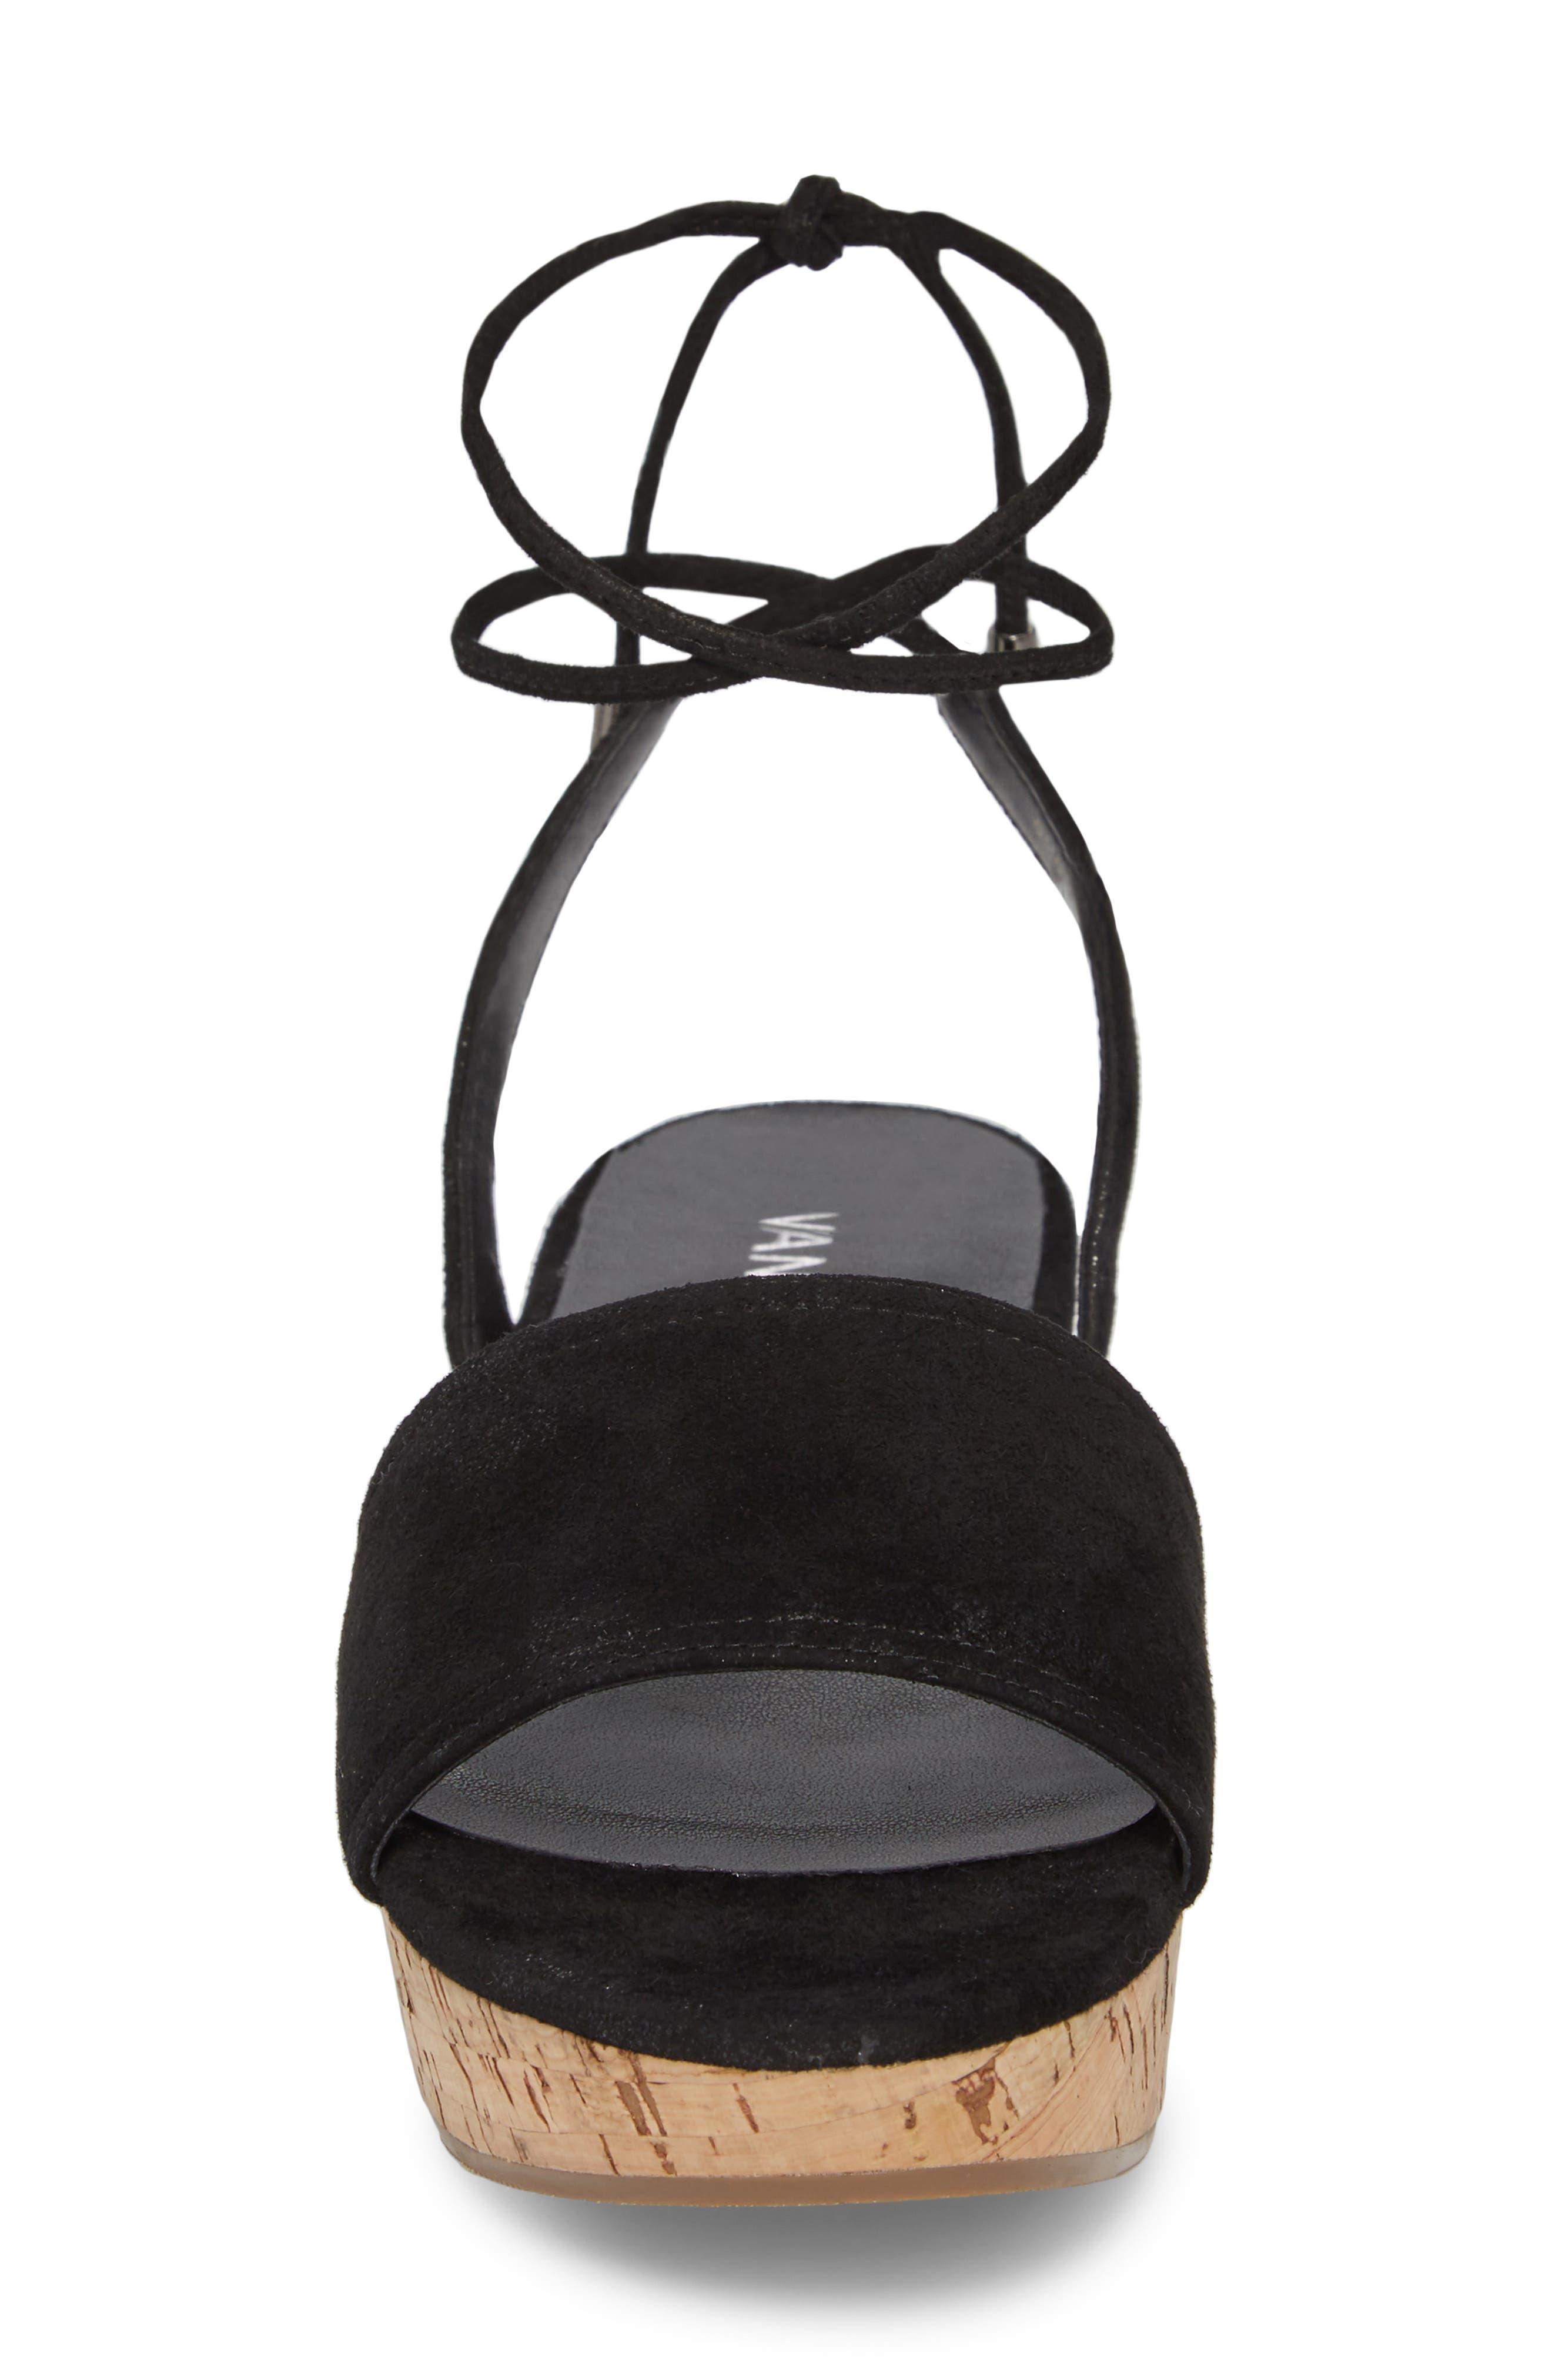 Saba Platform Sandal,                             Alternate thumbnail 4, color,                             Black Printed Suede